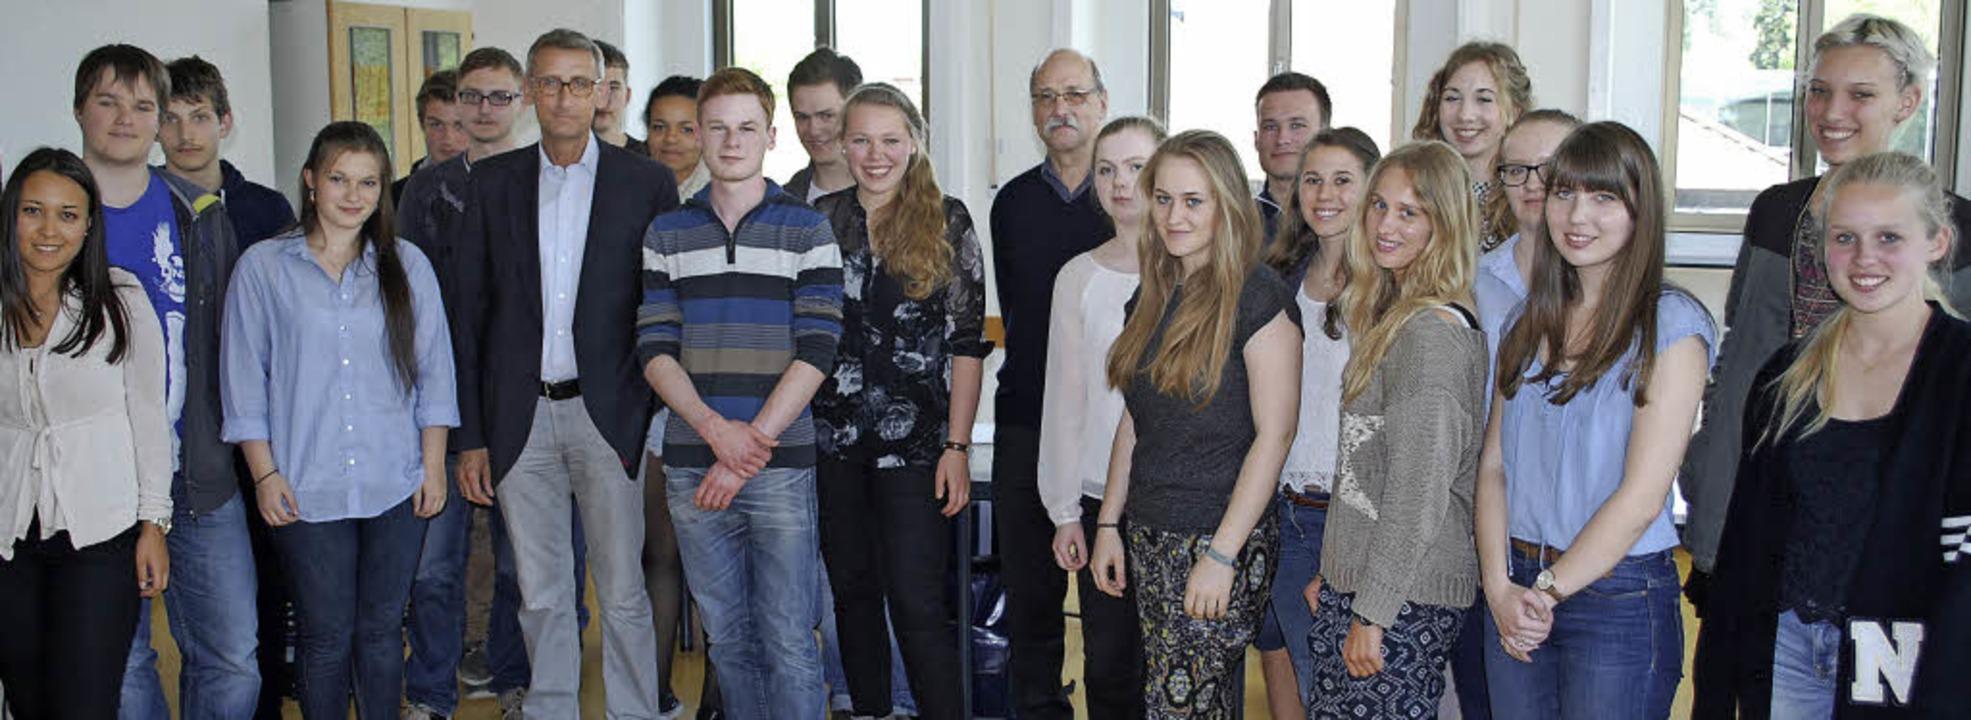 Der CDU-Bundestagsabgeordnete Armin Sc...üchtlingspolitik war ein Schwerpunkt.   | Foto: thomas loisl Mink